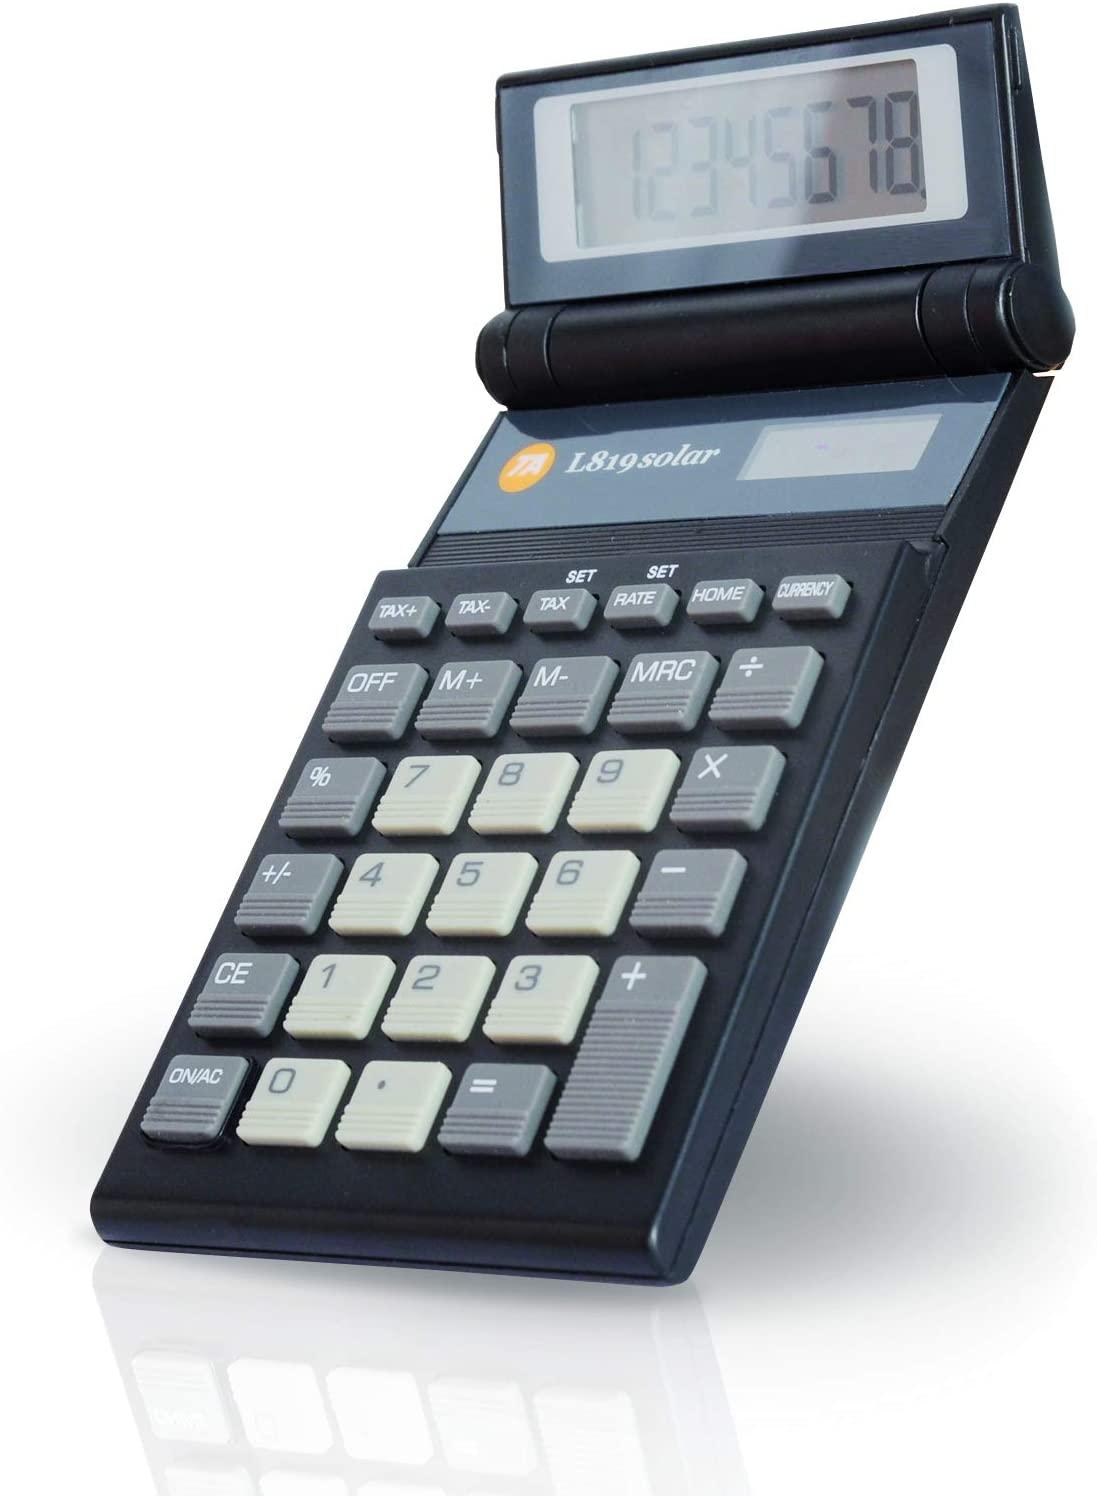 シックトーンスタイル計算機 ブラック×グレーフラップ付きカリキュレーター 電卓仕事場でもデザインにコダワルならコレドイツのフランクフルトの伝統的計算機メーカー液晶部分が折りたためるデザイン Calculator実用性の高いコンパクトな計算機